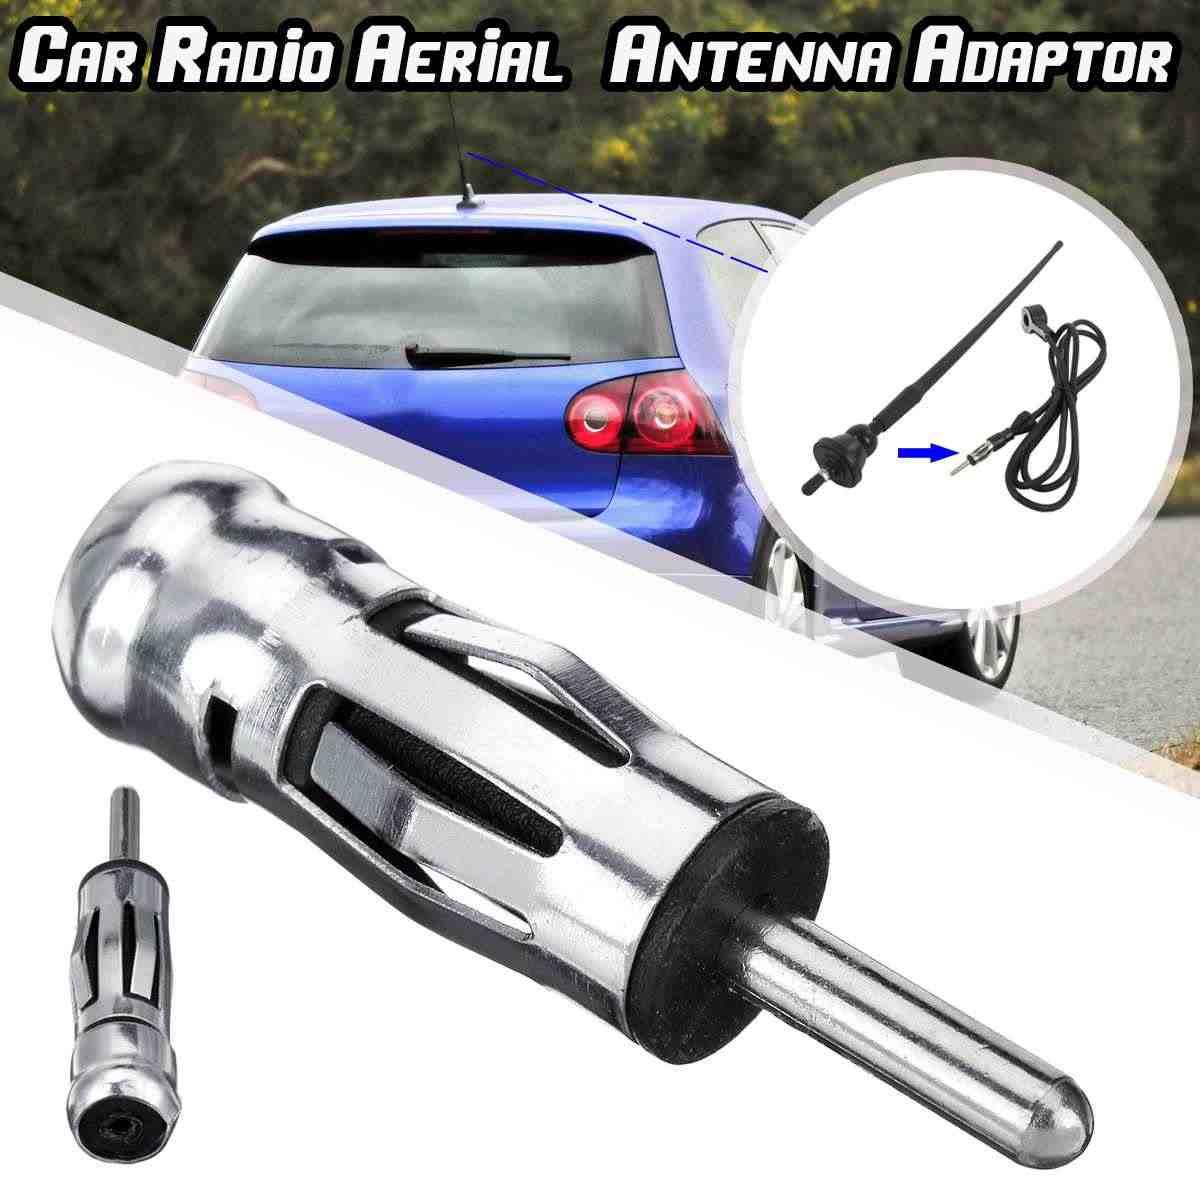 Universal Car Radio Stereo ISO Din Antenna Antenna Spina di Adattatore del Connettore Per Il VW/Ford/Toyota/Peugeot